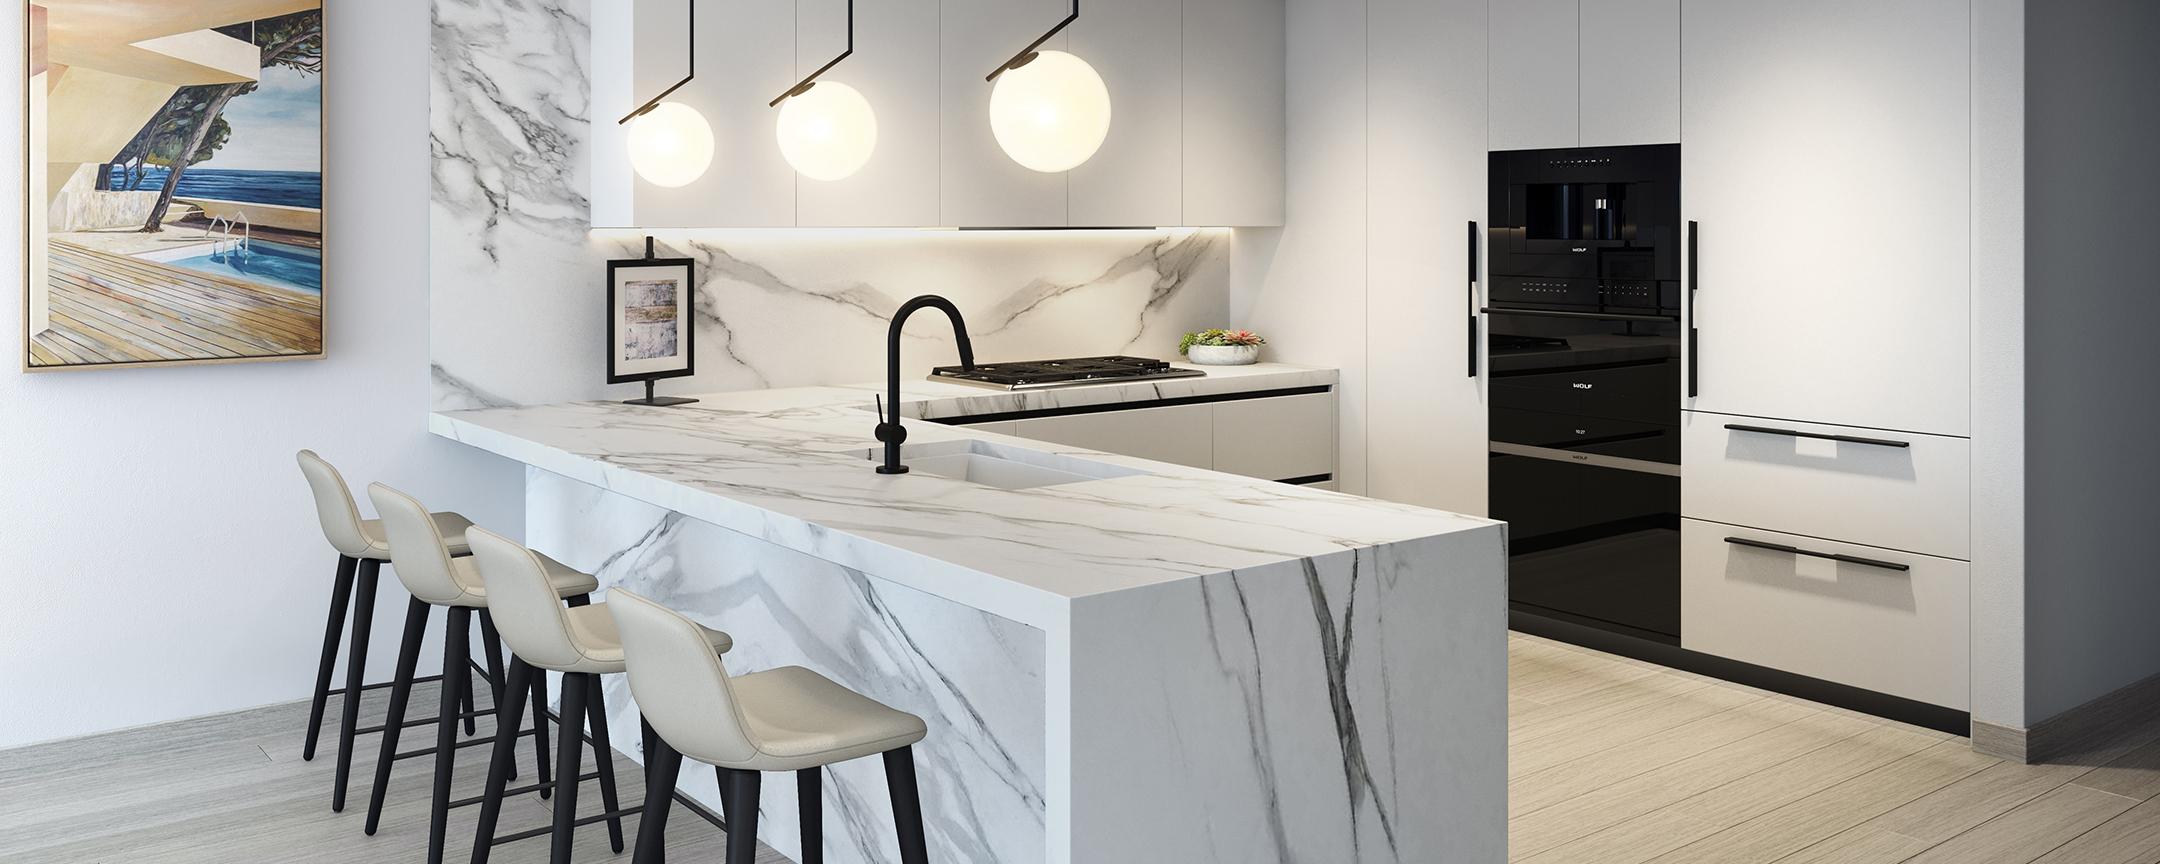 Solemar Kitchen